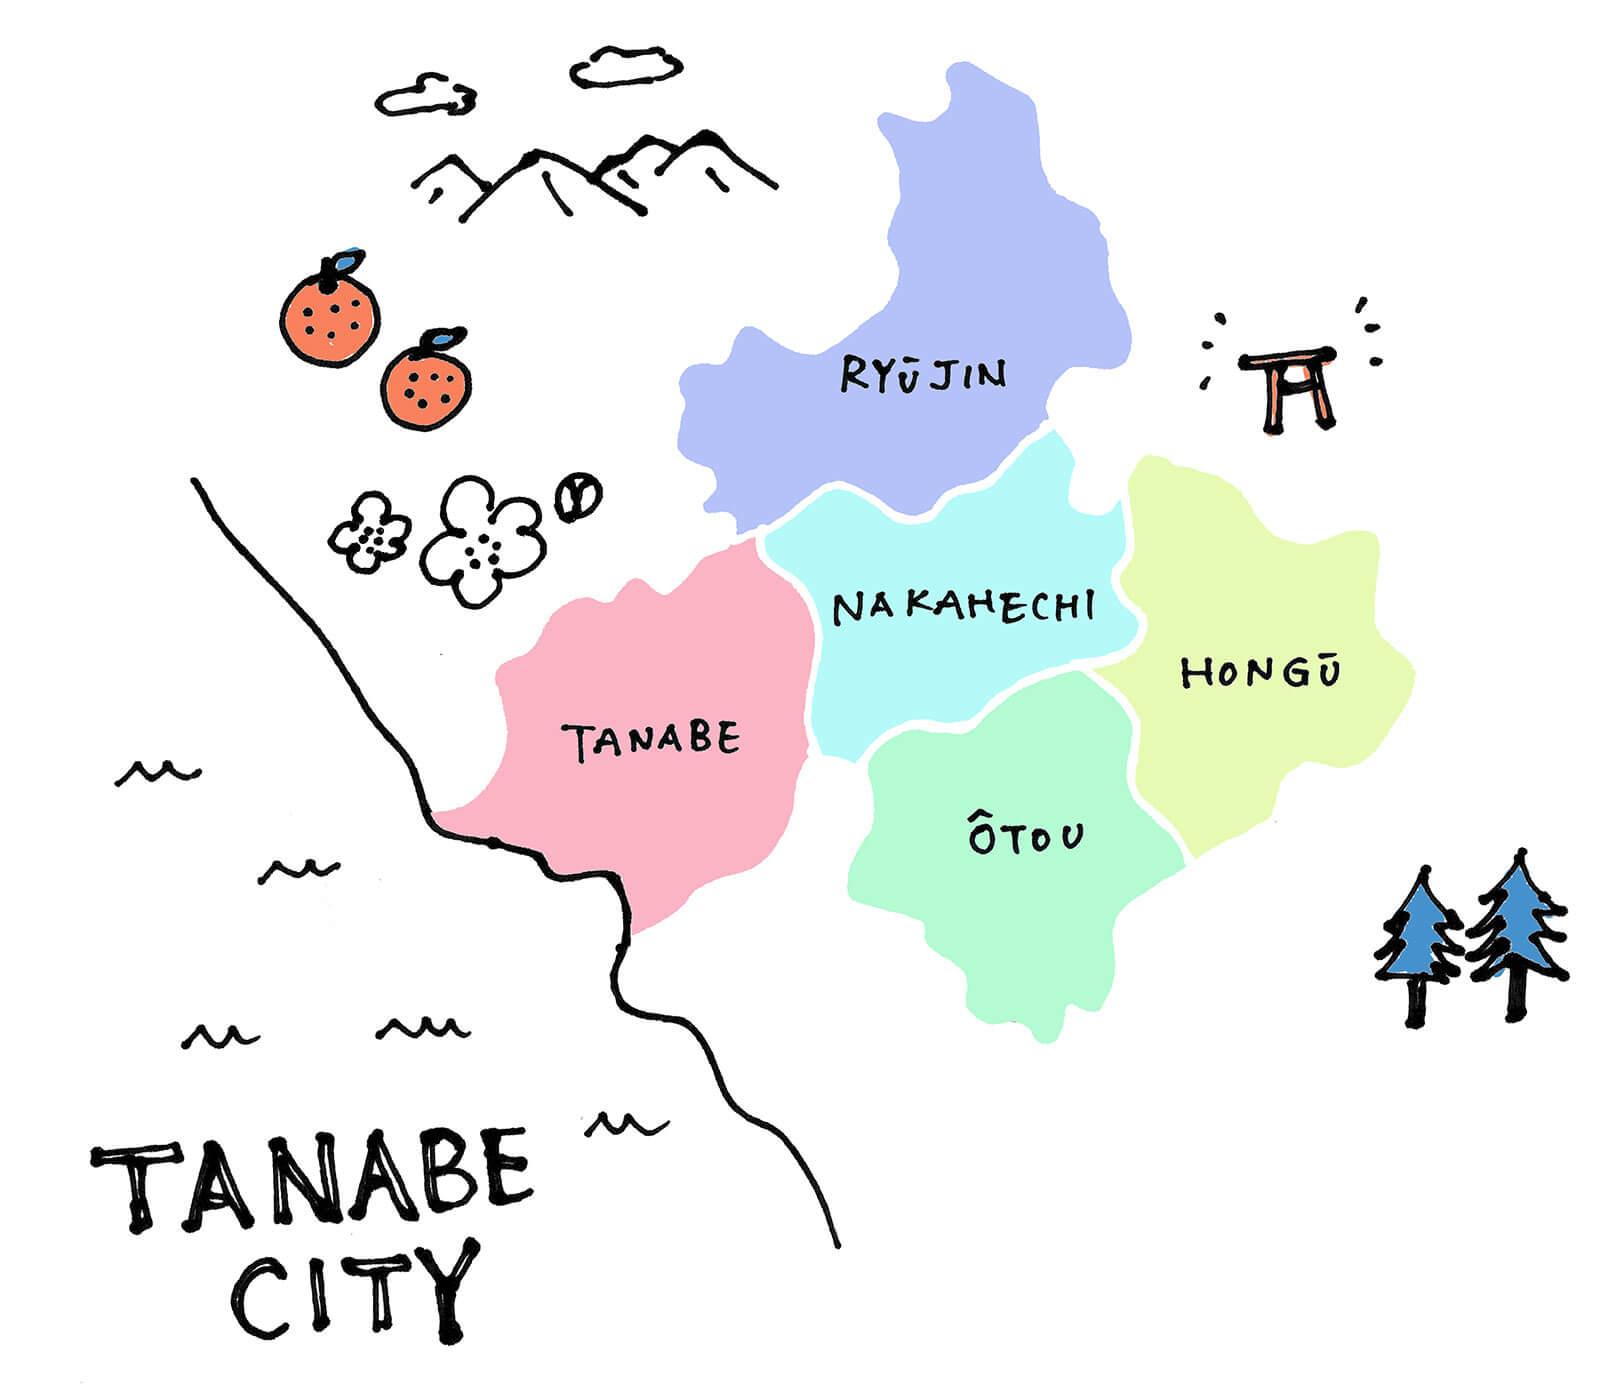 田辺市のエリア地図